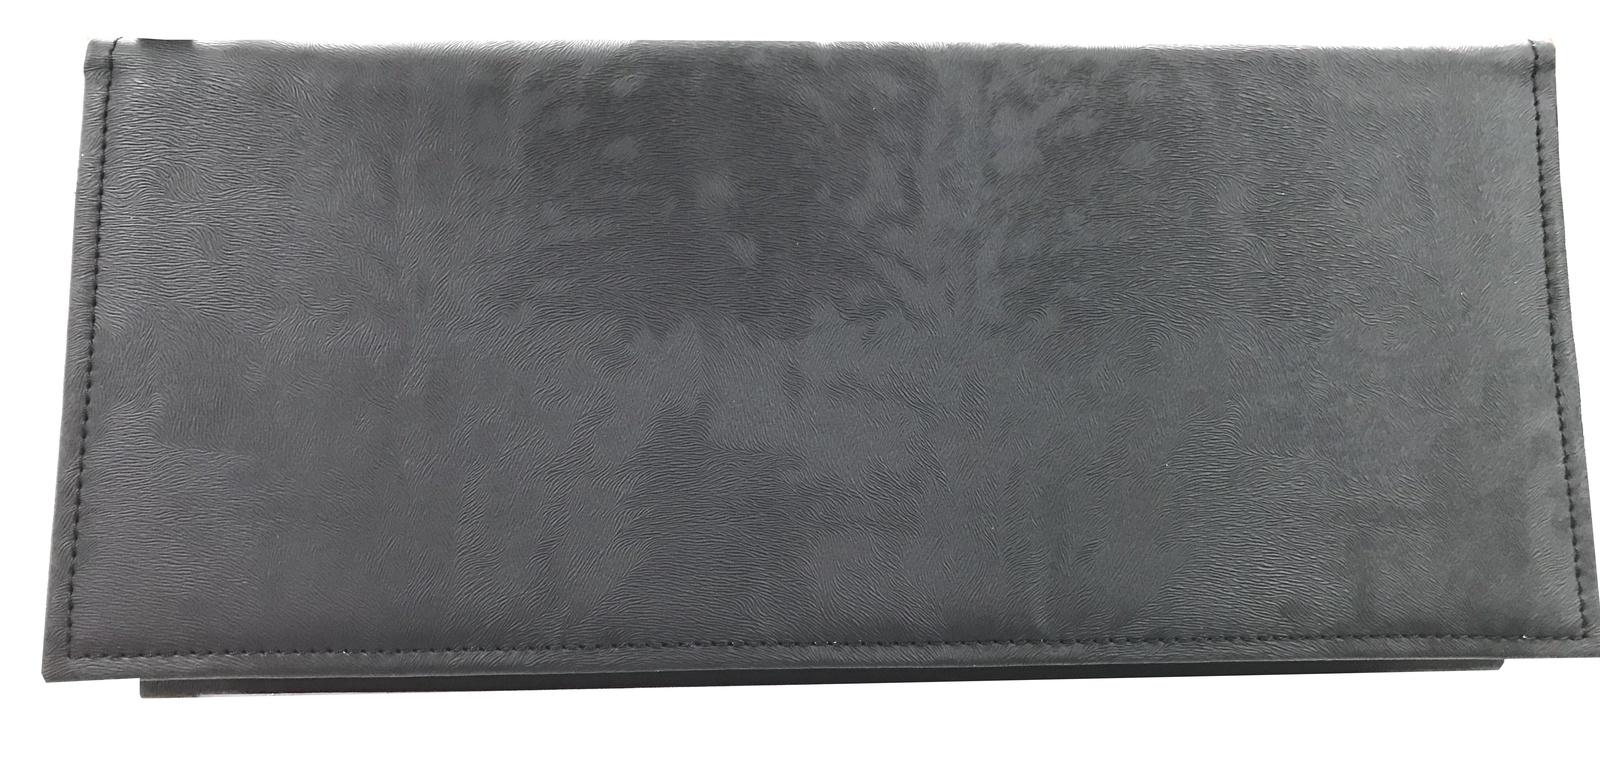 Планинг настольный большой, датированный планинг listoff optima чёрный 300х120 мм 56 листов